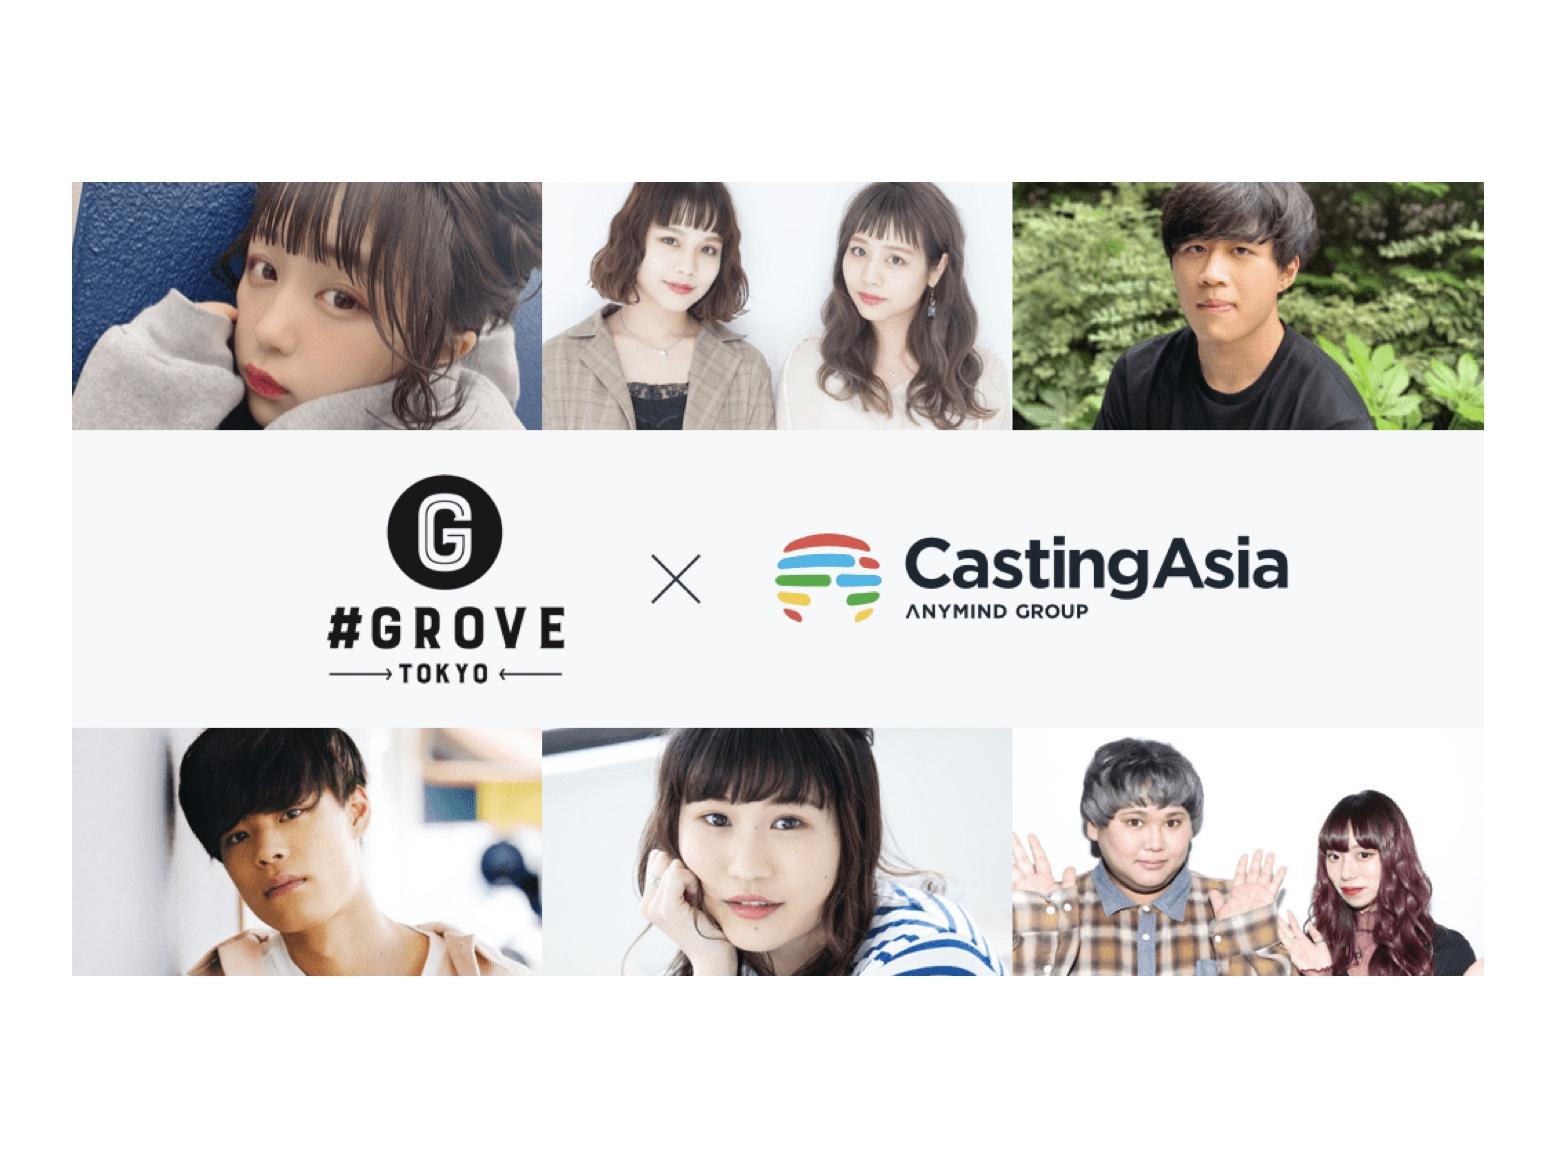 AnyMind Group | インフルエンサーマーケティング事業「CastingAsia」がインフルエンサープロダクション・GROVEと提携